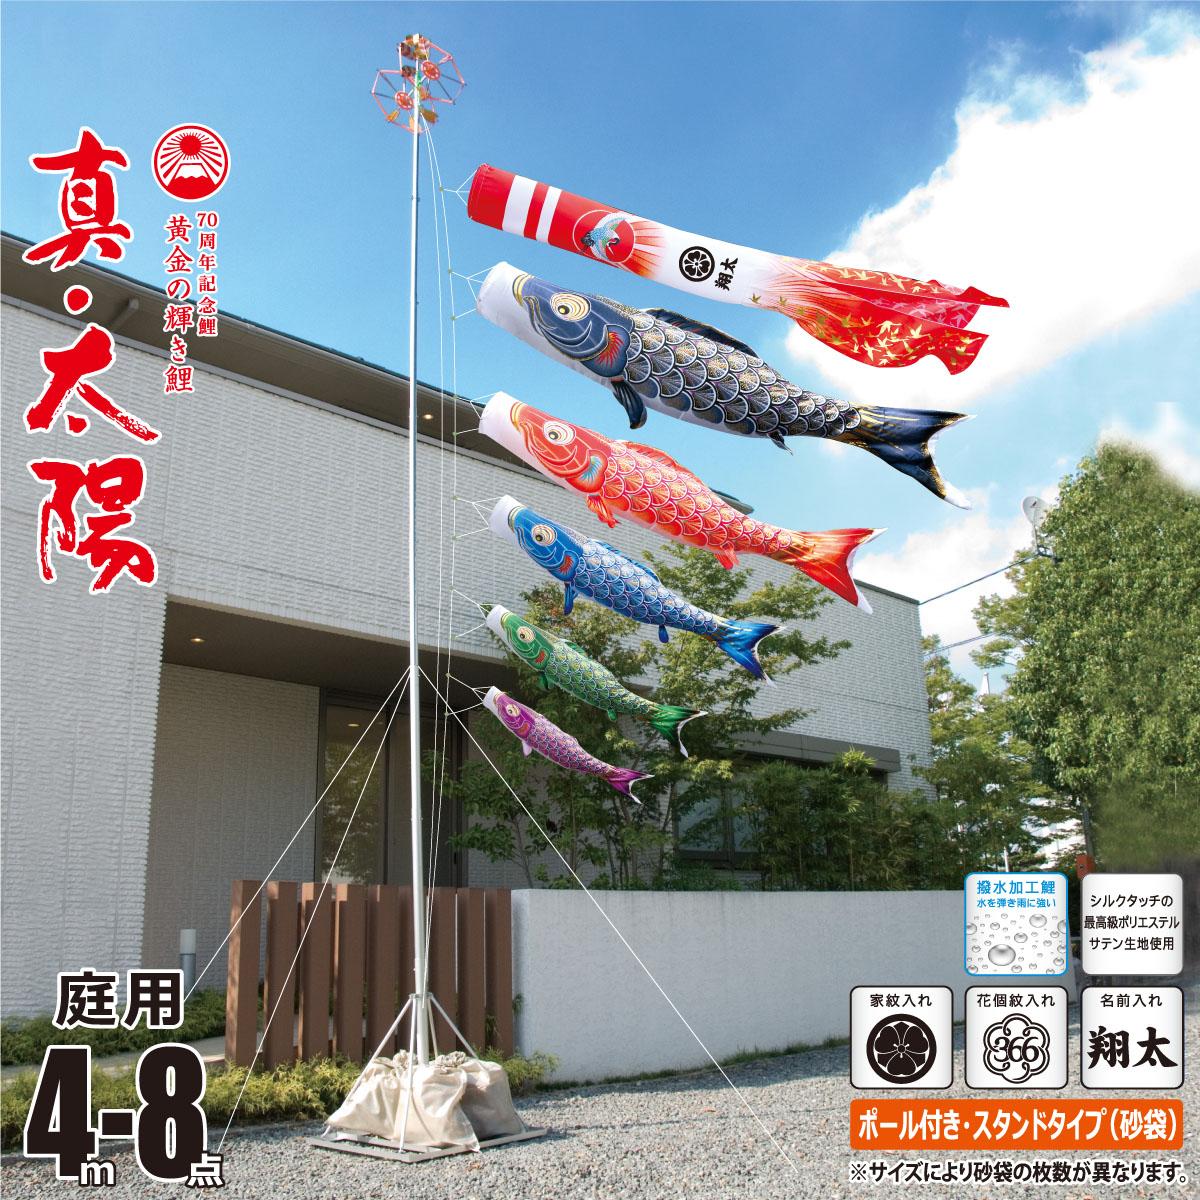 こいのぼり 4m 真・太陽 8点 (矢車、ロープ、吹流し、鯉5匹) 庭園用 スタンドセット (庭用 スタンド 砂袋6枚入り) 徳永鯉のぼり KIT-003-783